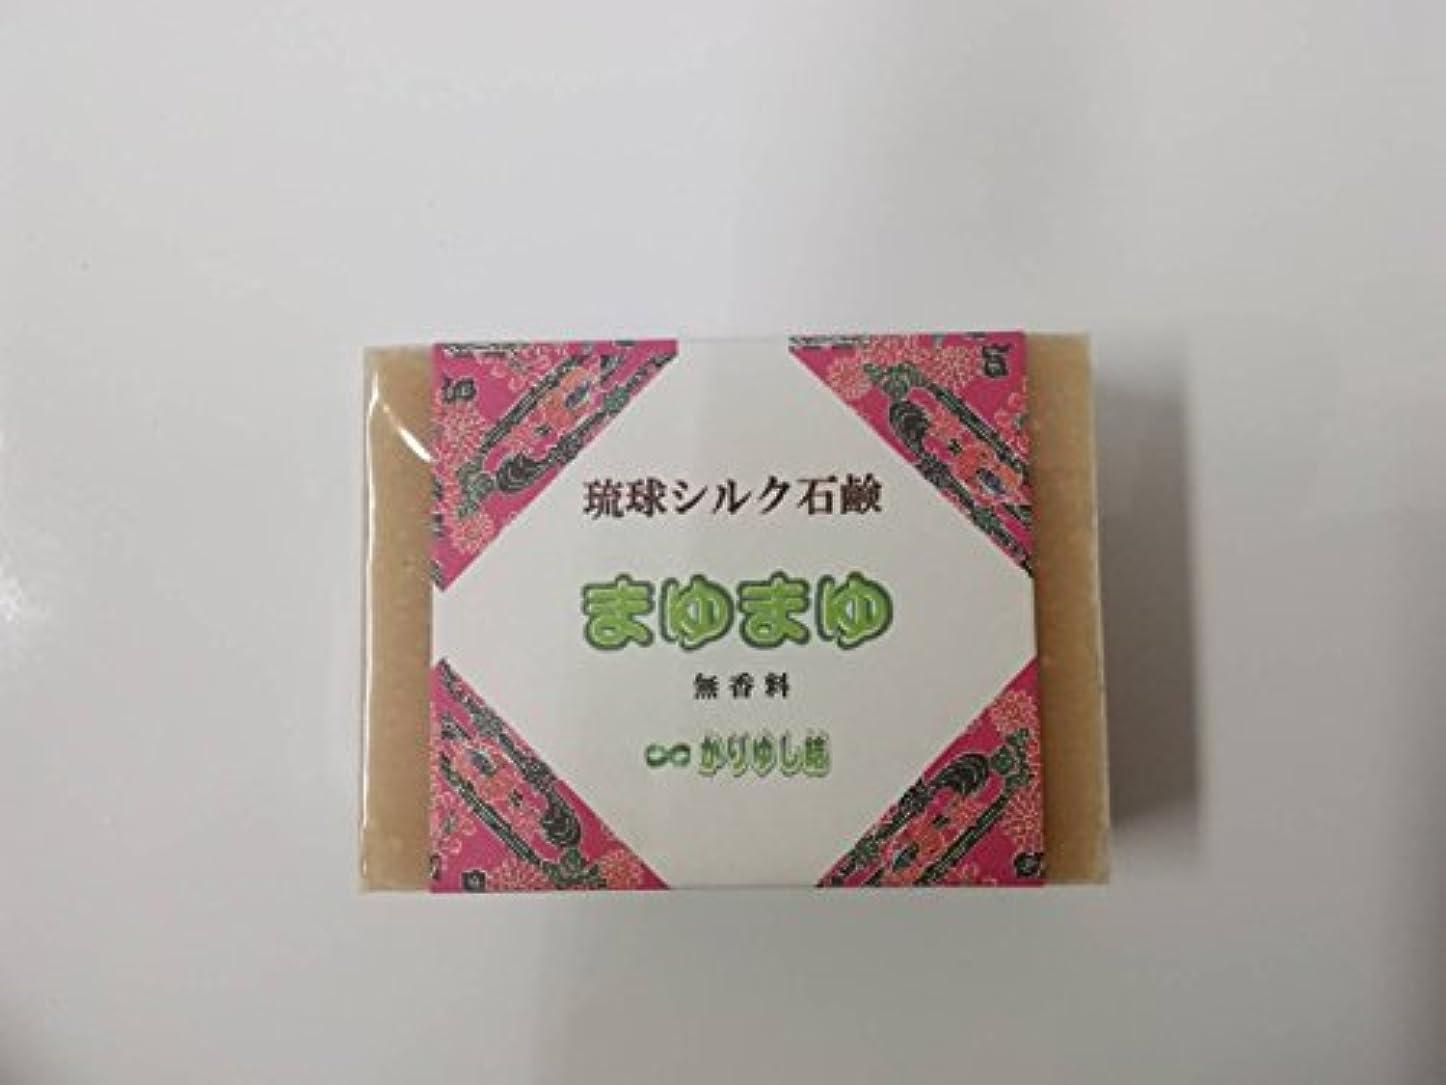 リルお気に入り家事をする琉球シルク石鹸 まゆまゆ ピンクカオリン 無香料